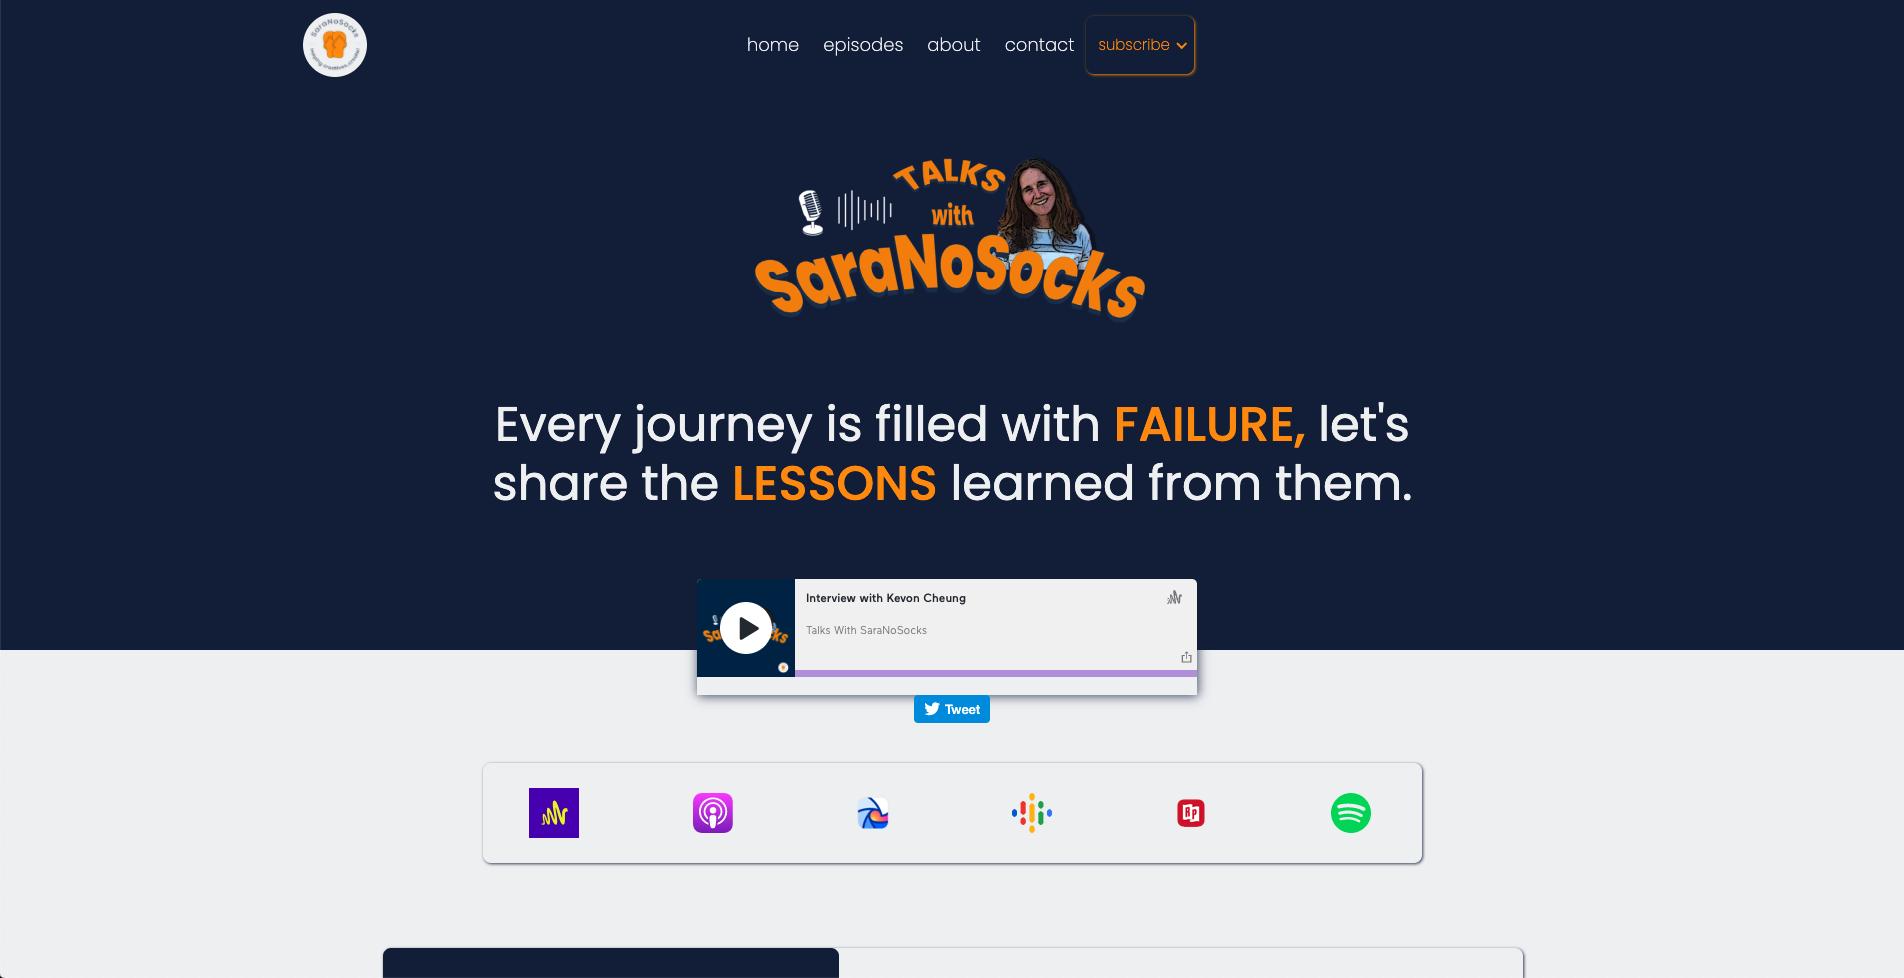 Talks With SaraNoSocks Landing Page